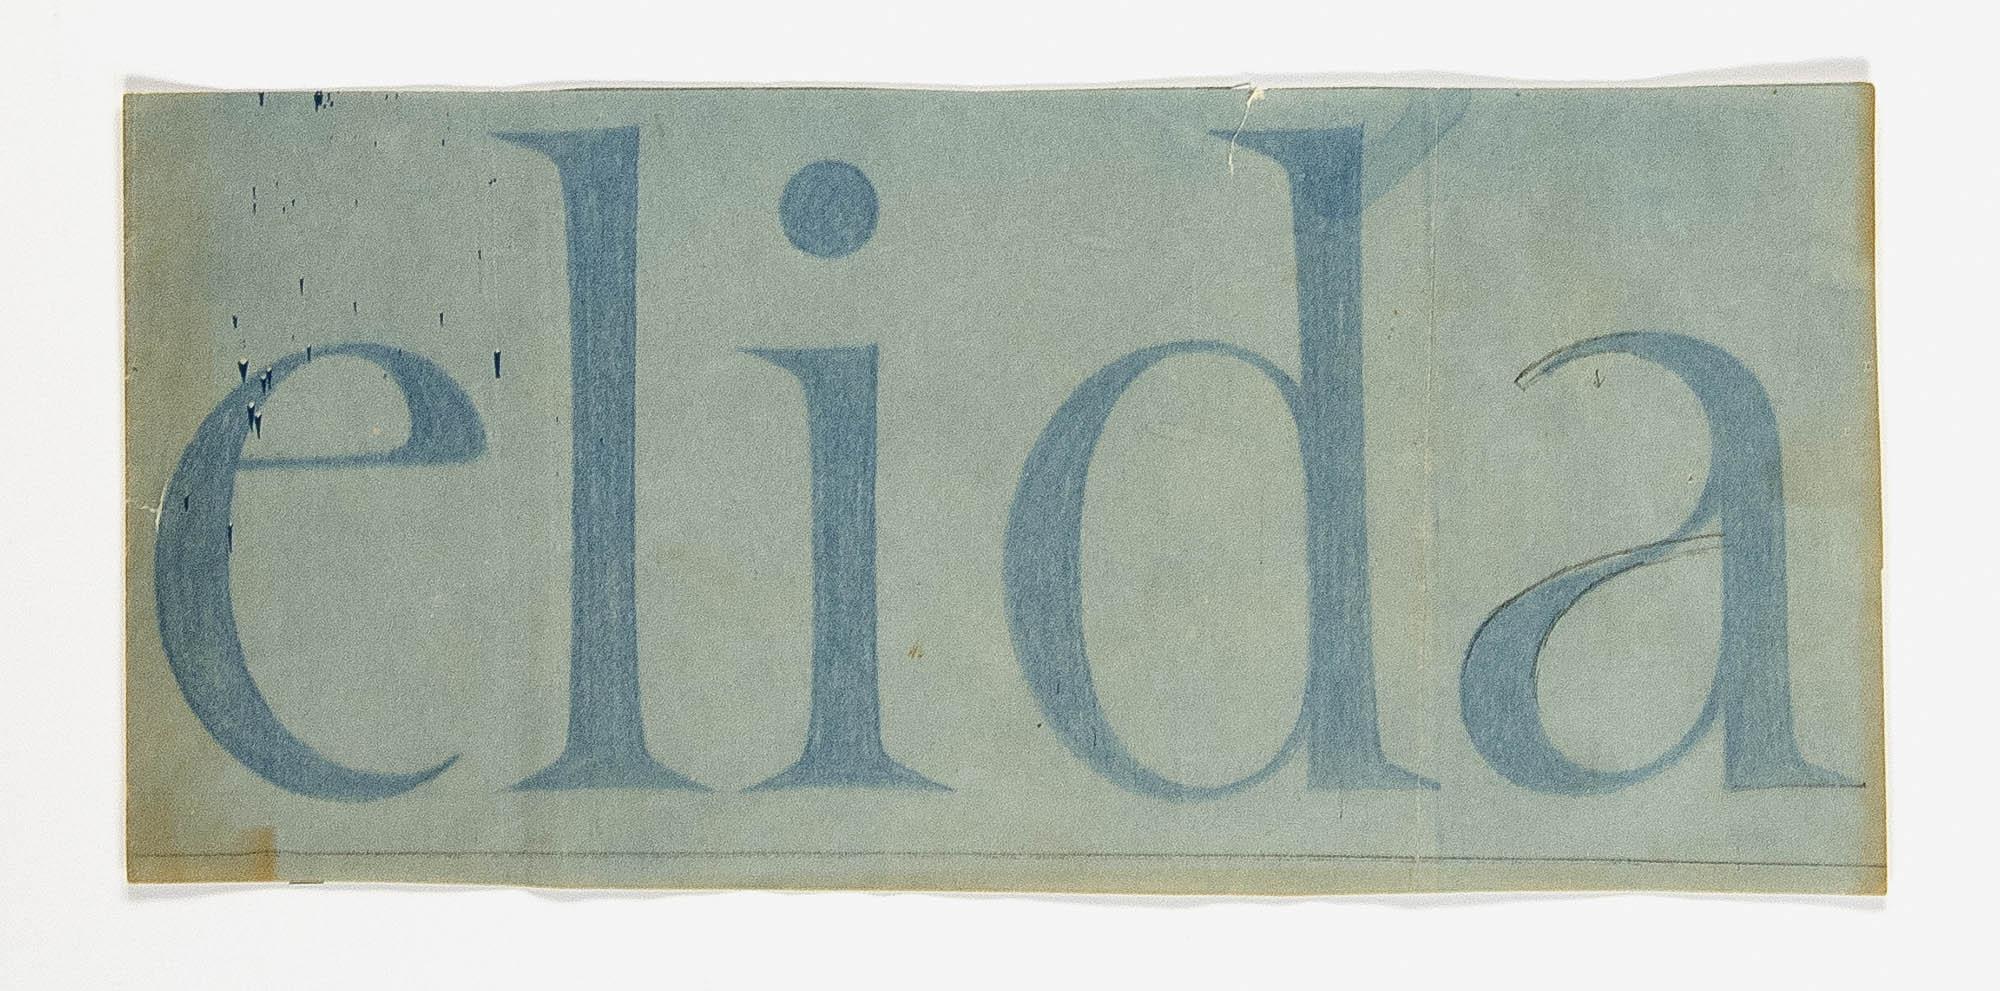 (Vorstudie zur Méridien), mintreoulphdafvbqswzxy Adrian Frutiger Typeface design